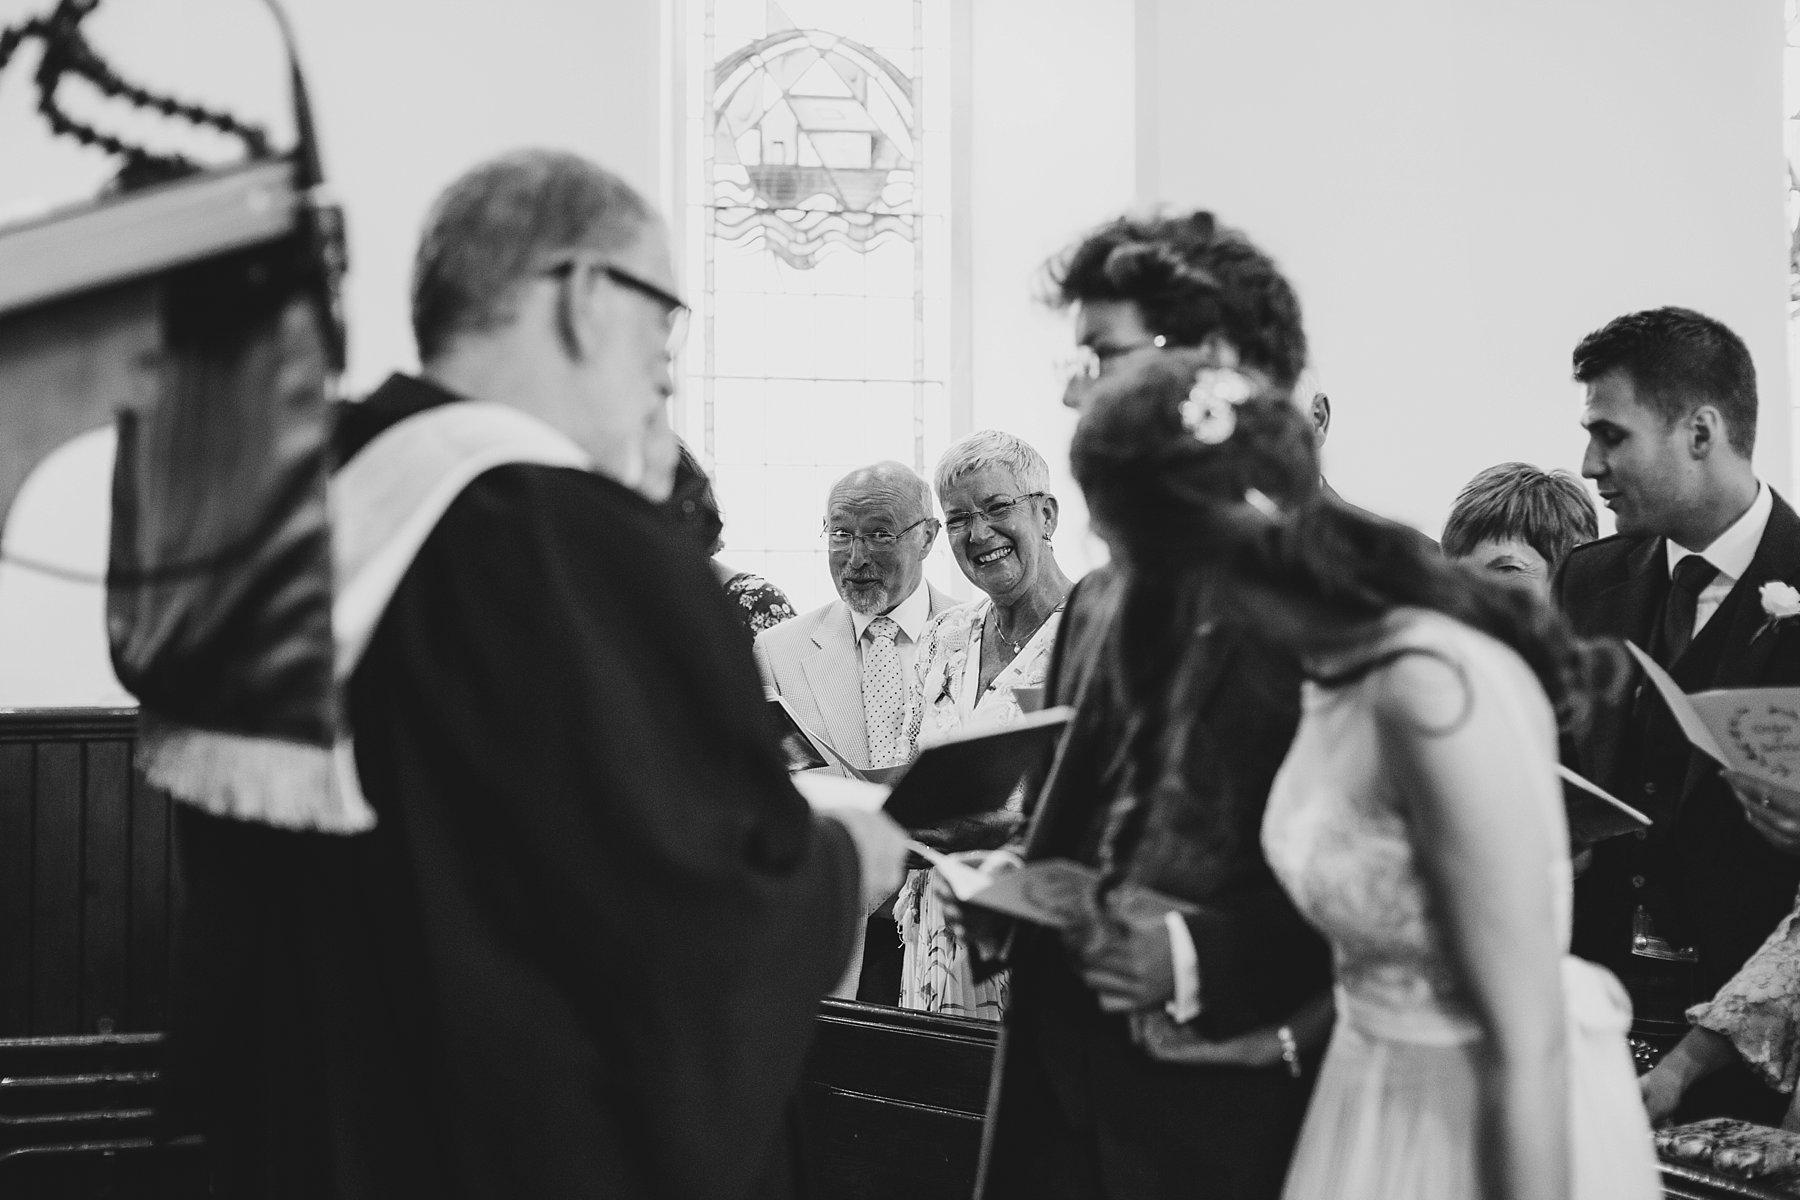 hornhead_donegak_elopement_weddings_0034